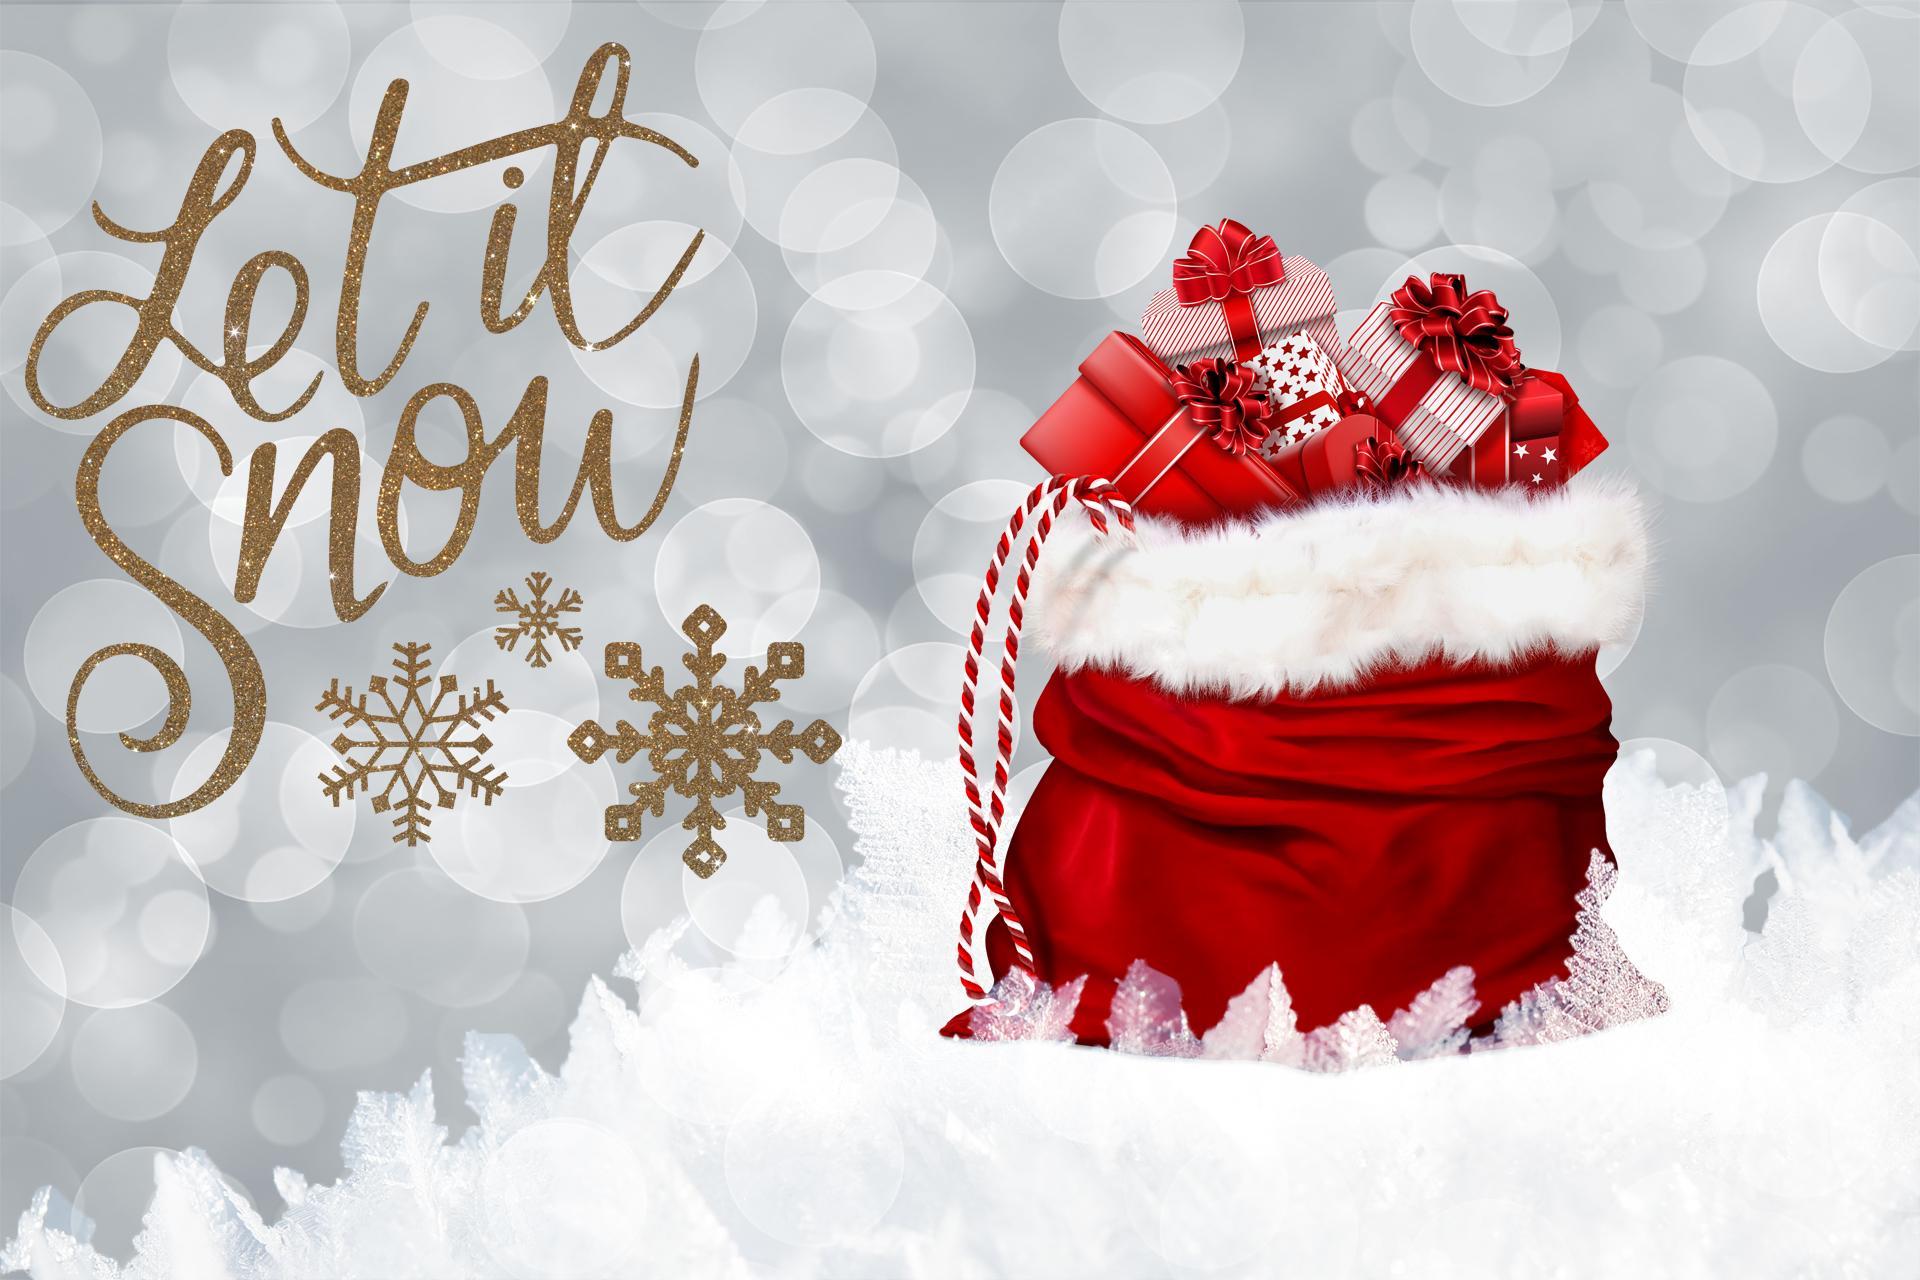 無料画像 雪 贈り物 赤 クリスマスオーナメント クリスマスの飾り 架空の人物 冬 休日 愛 コンピュータの壁紙 フォント ハート 19x1280 Dana Tentis 無料写真 Pxhere